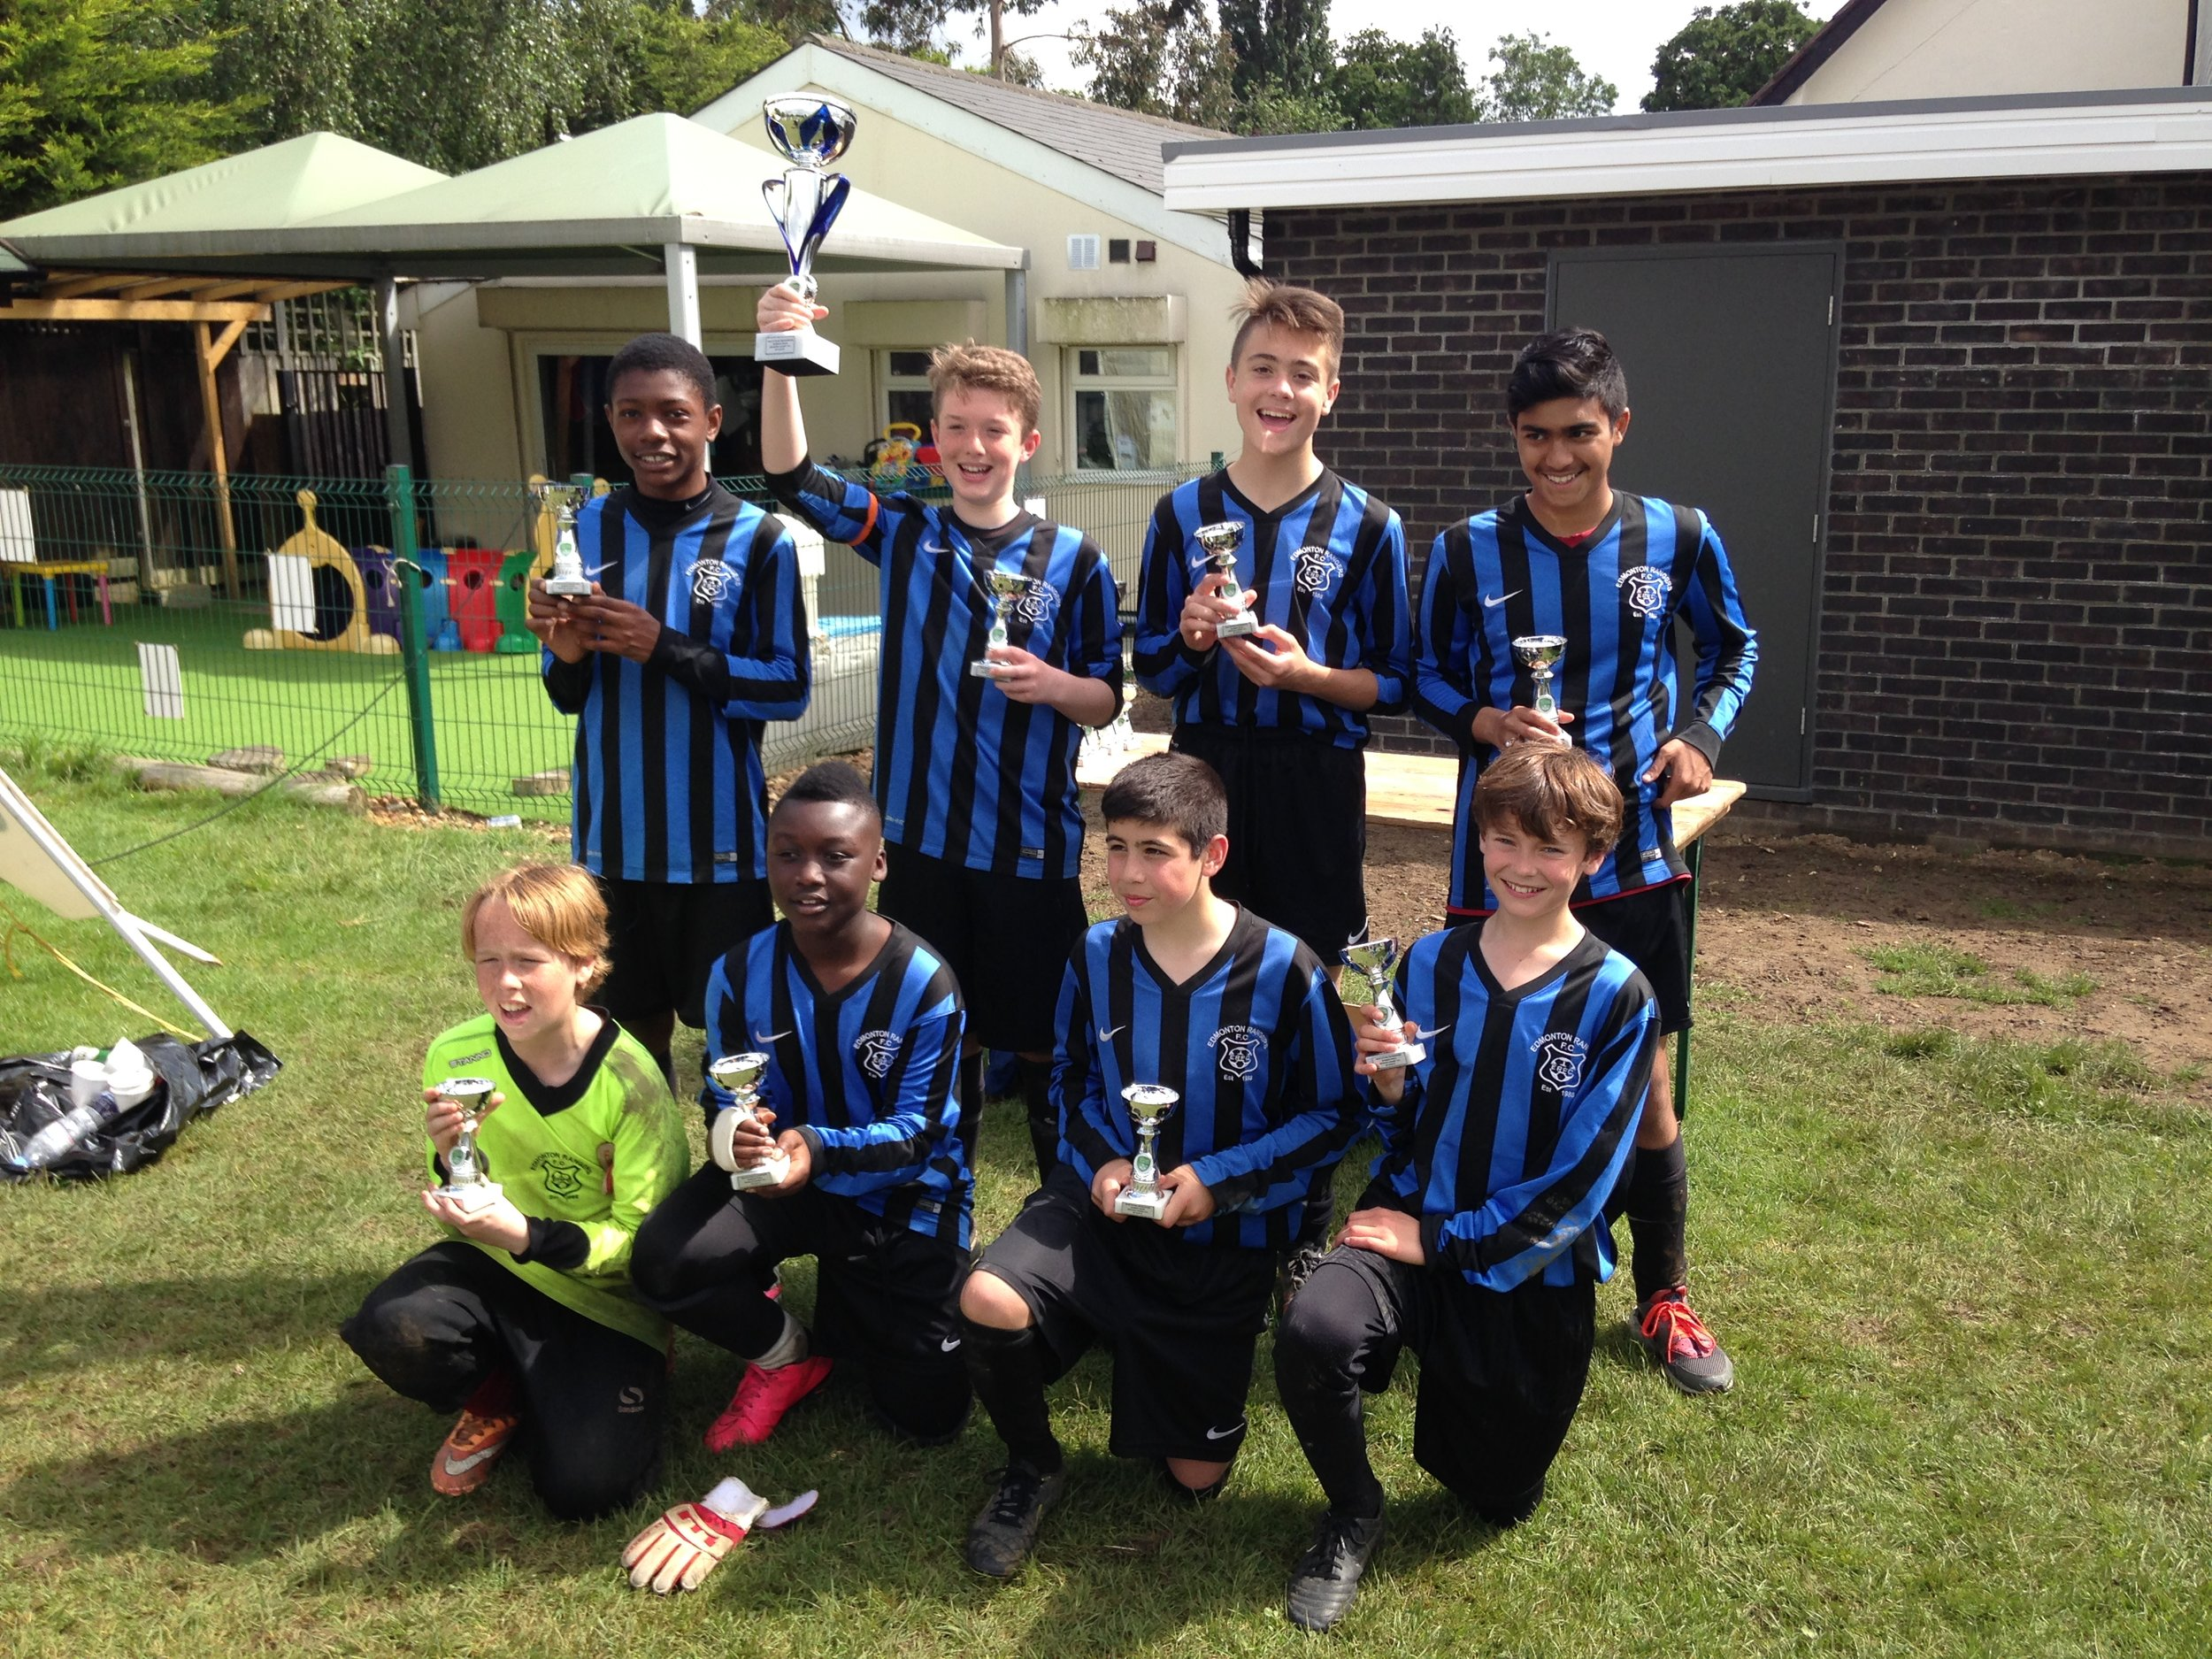 U13s Cobras winning the Whetstone Wanderers 6's tournament